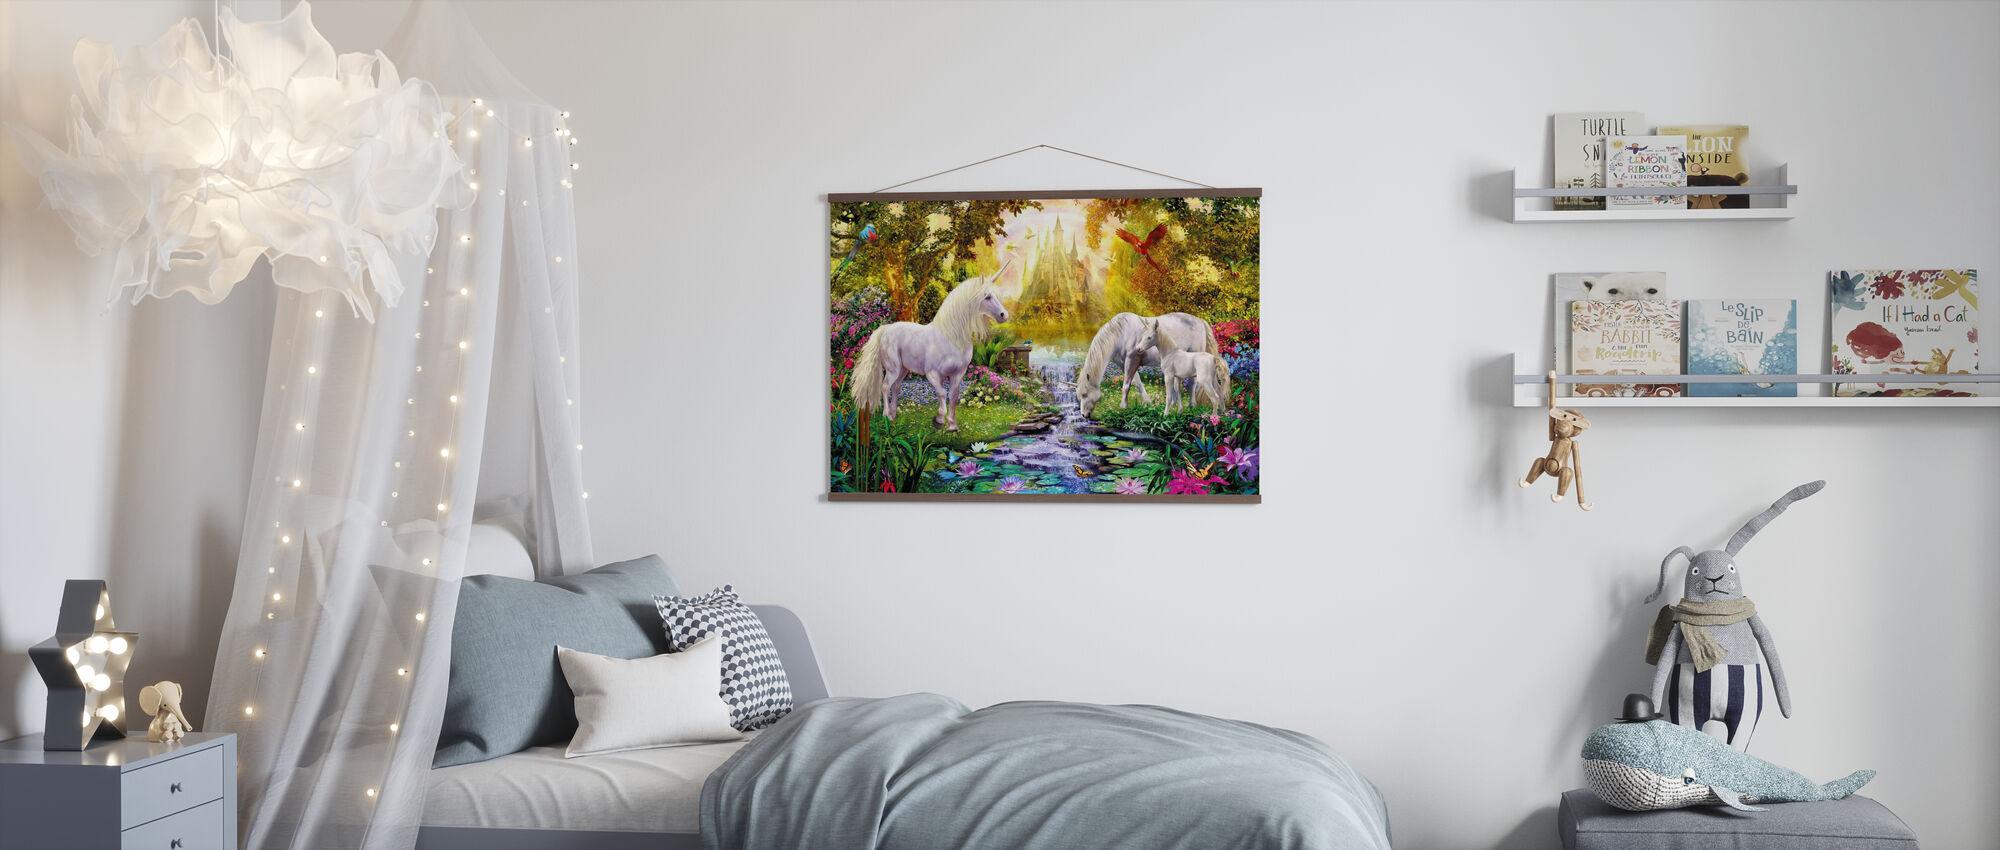 The Castle Unicorn Garden - Poster - Kids Room